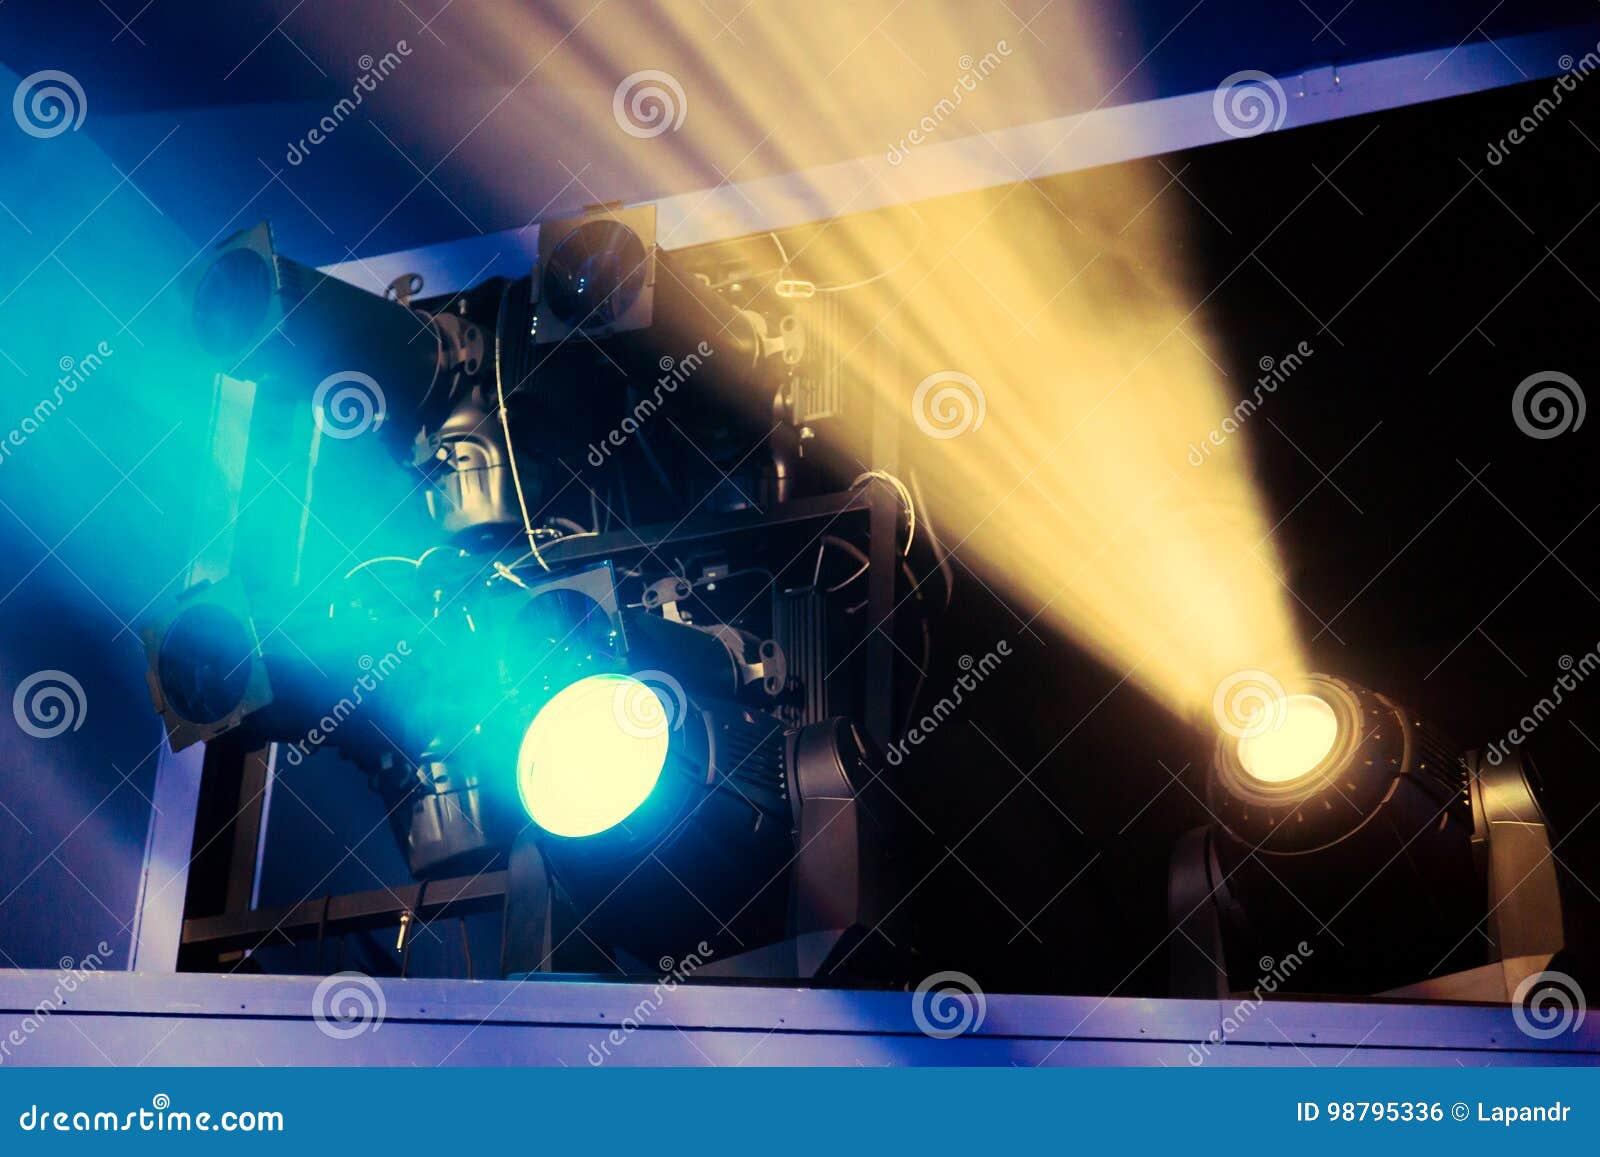 Lichttechnische Ausrüstung auf dem Stadium des Theaters während der Leistung Die hellen Strahlen vom Scheinwerfer durch den Rauch